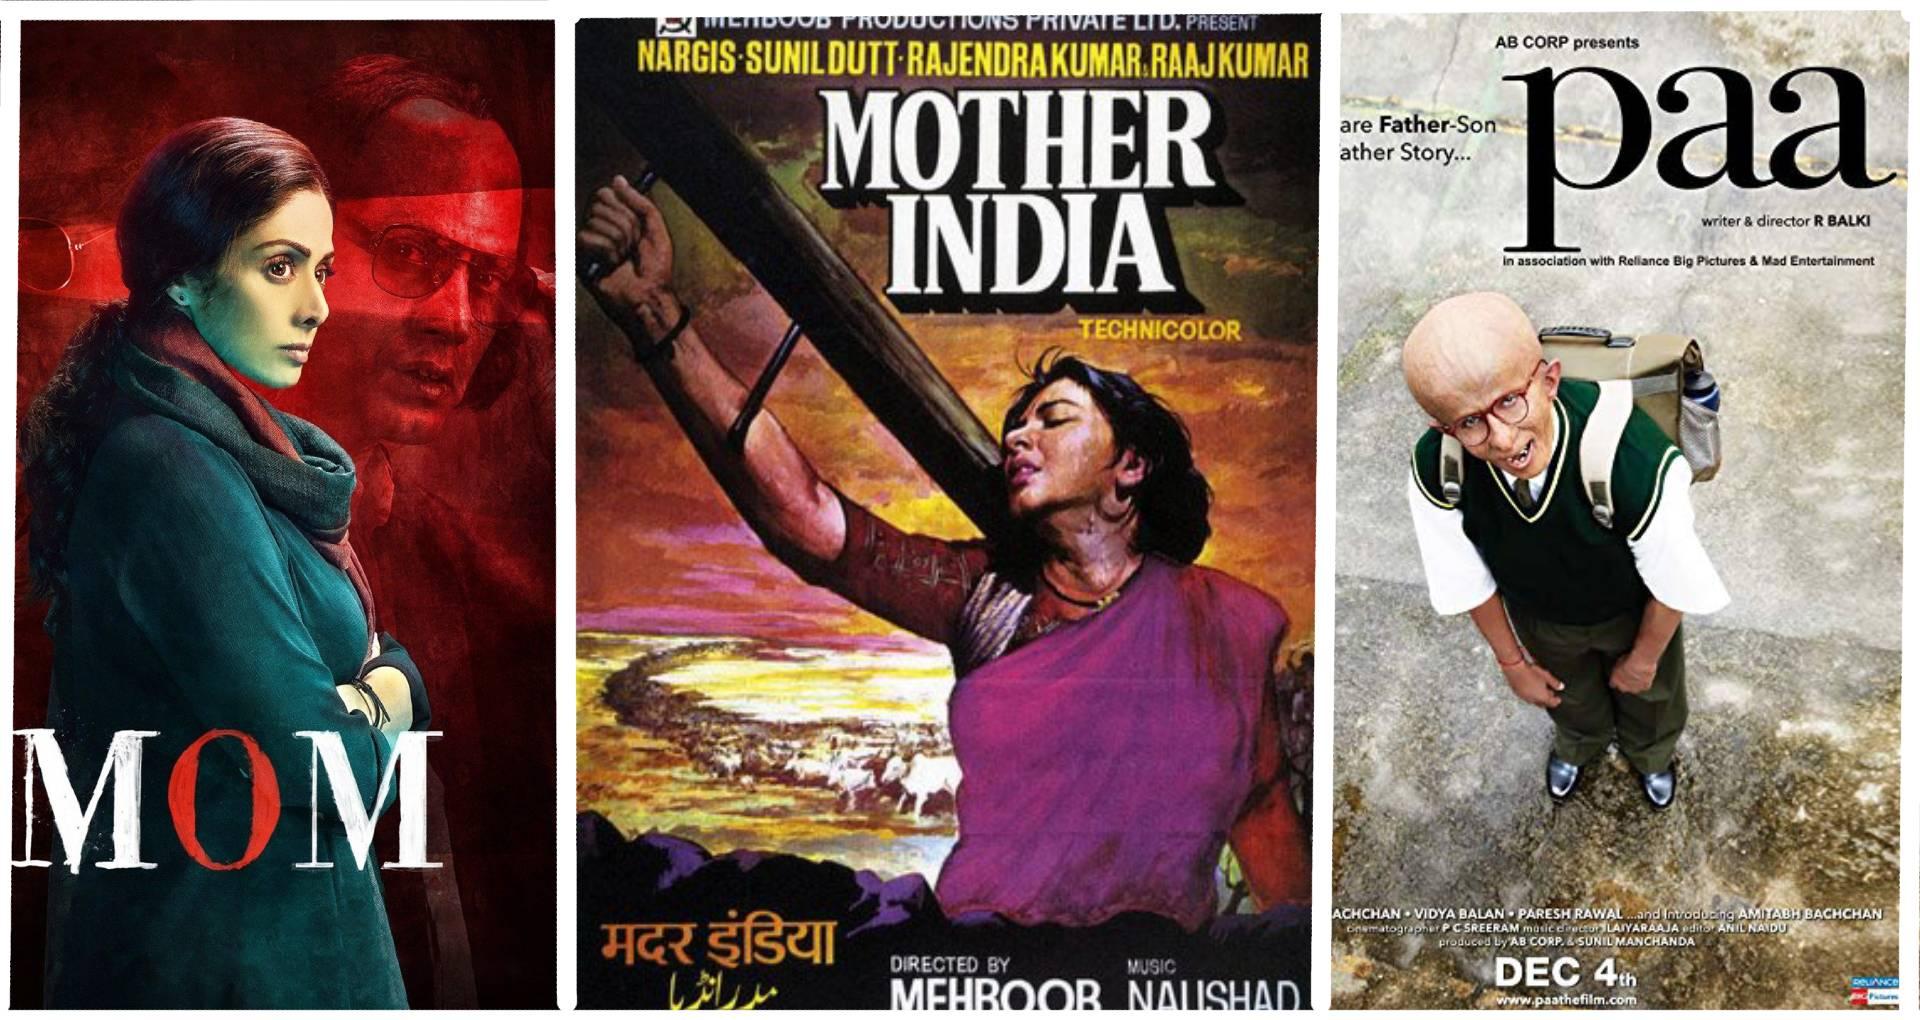 Mother's Day 2019: अपनी मां के संग मिलकर देखिए बॉलीवुड की ये बेहतरीन फिल्में, ऐसे जताएं अपना प्यार